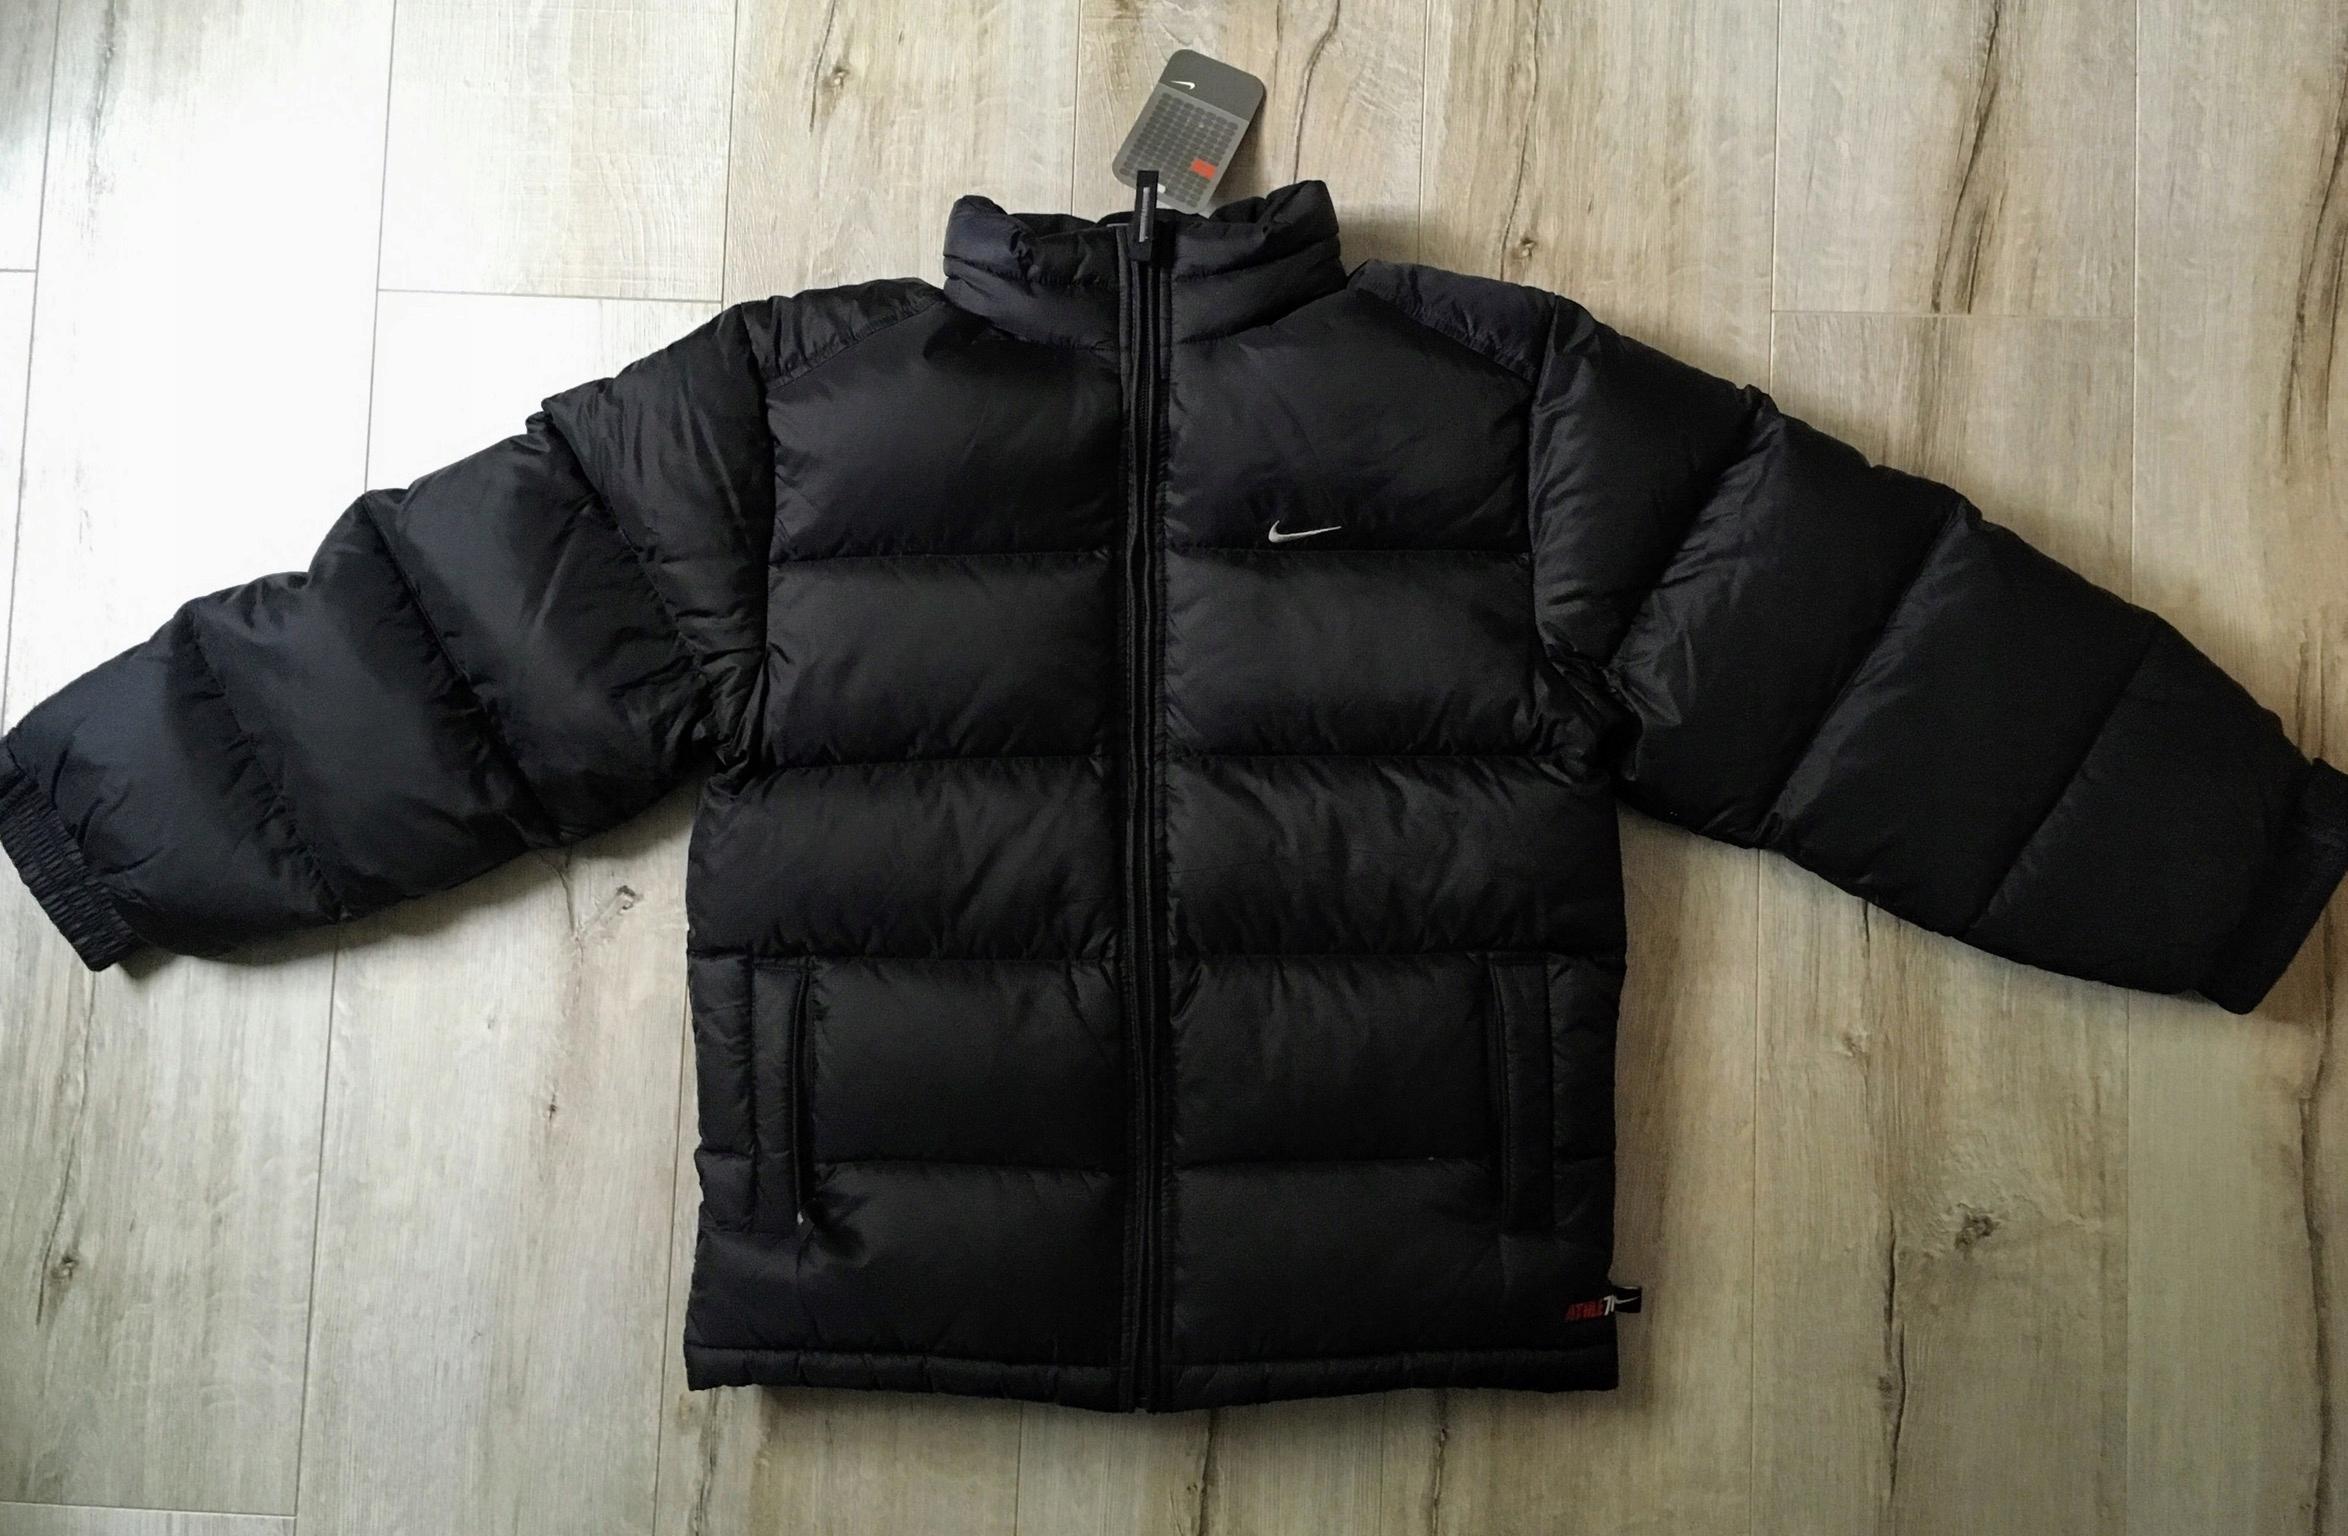 NIKE kurtka Junior zimowa nowa chłopiec 140 152 7625435353